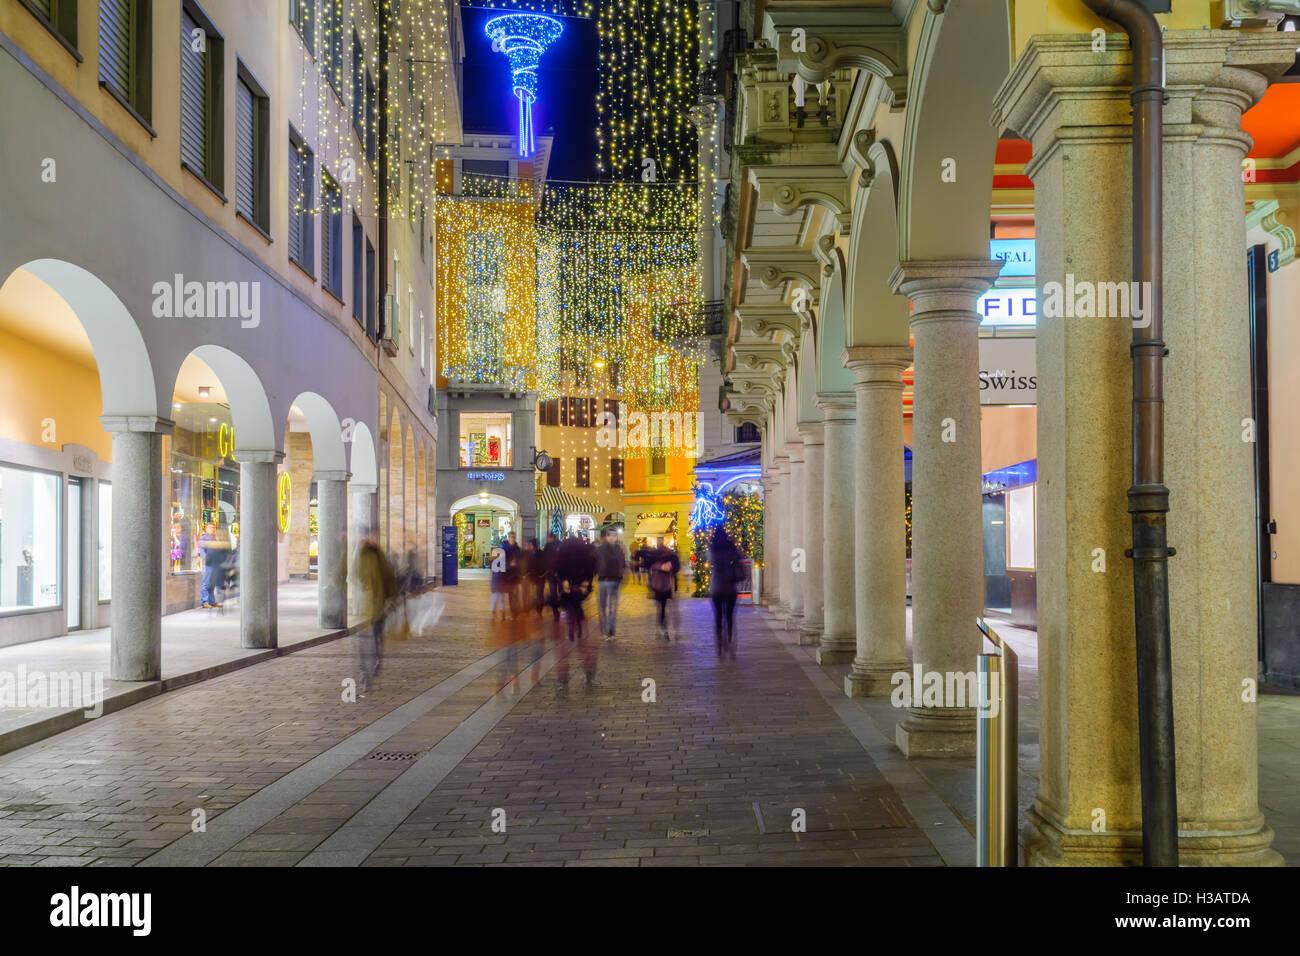 Decorazioni Natalizie Lugano.Lugano Svizzera 29 Dicembre 2015 Scena Serale In Via Nassa